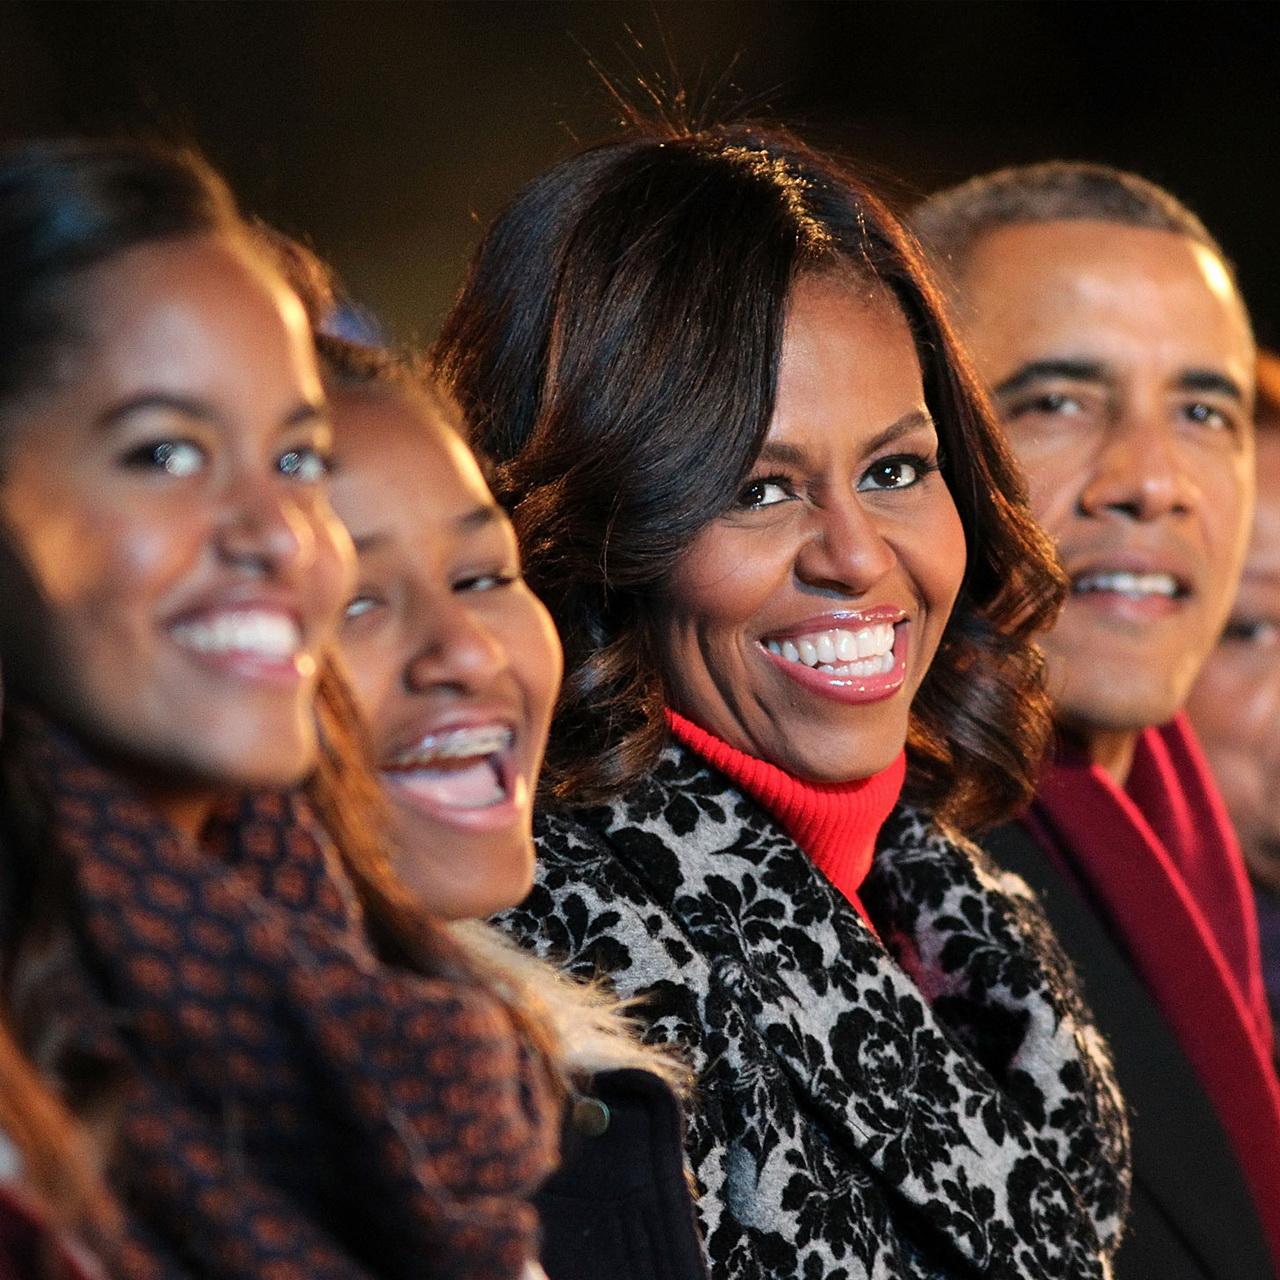 phạm hồng phướcSir Obama and his family - phạm hồng phước